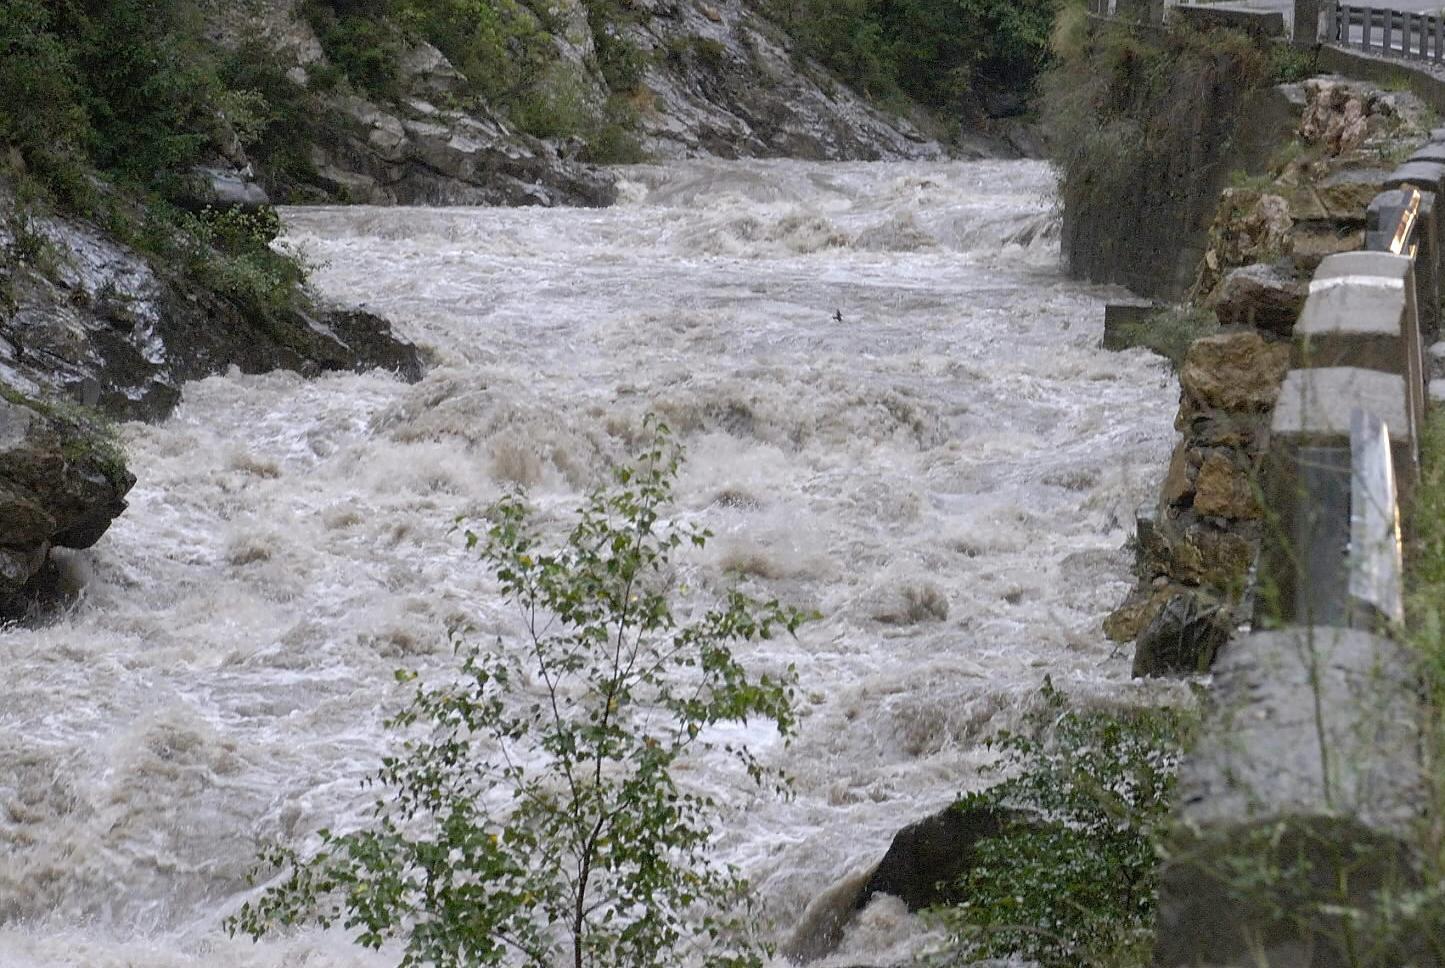 Nueve municipios del Pirineo de Lleida, afectados por la crecida de los ríos